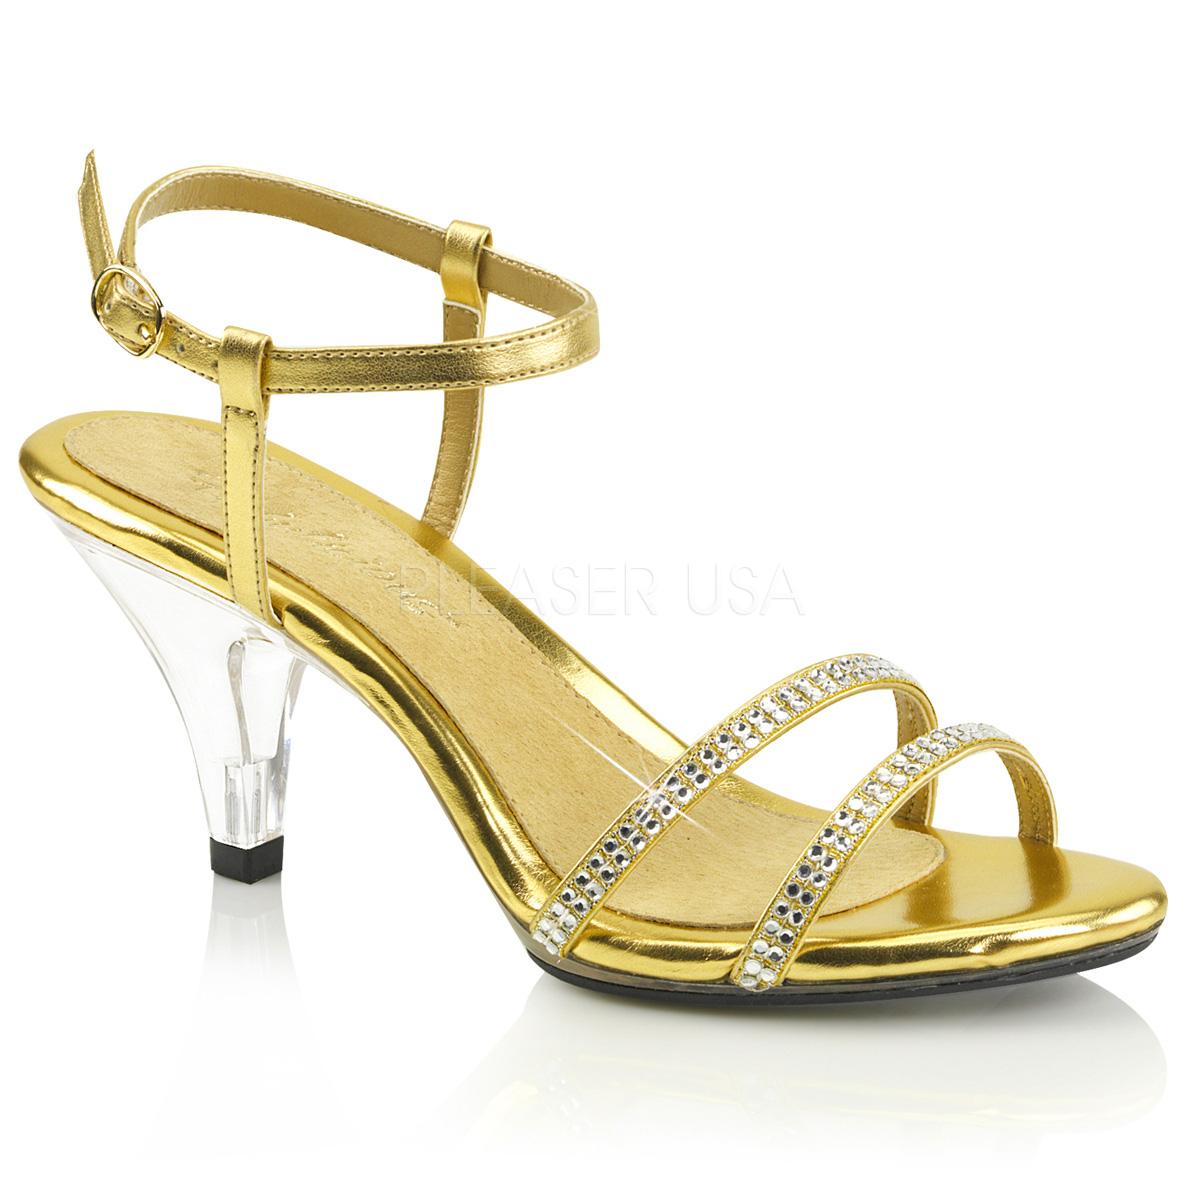 Sandales dorées petit talon - Pointure : 37